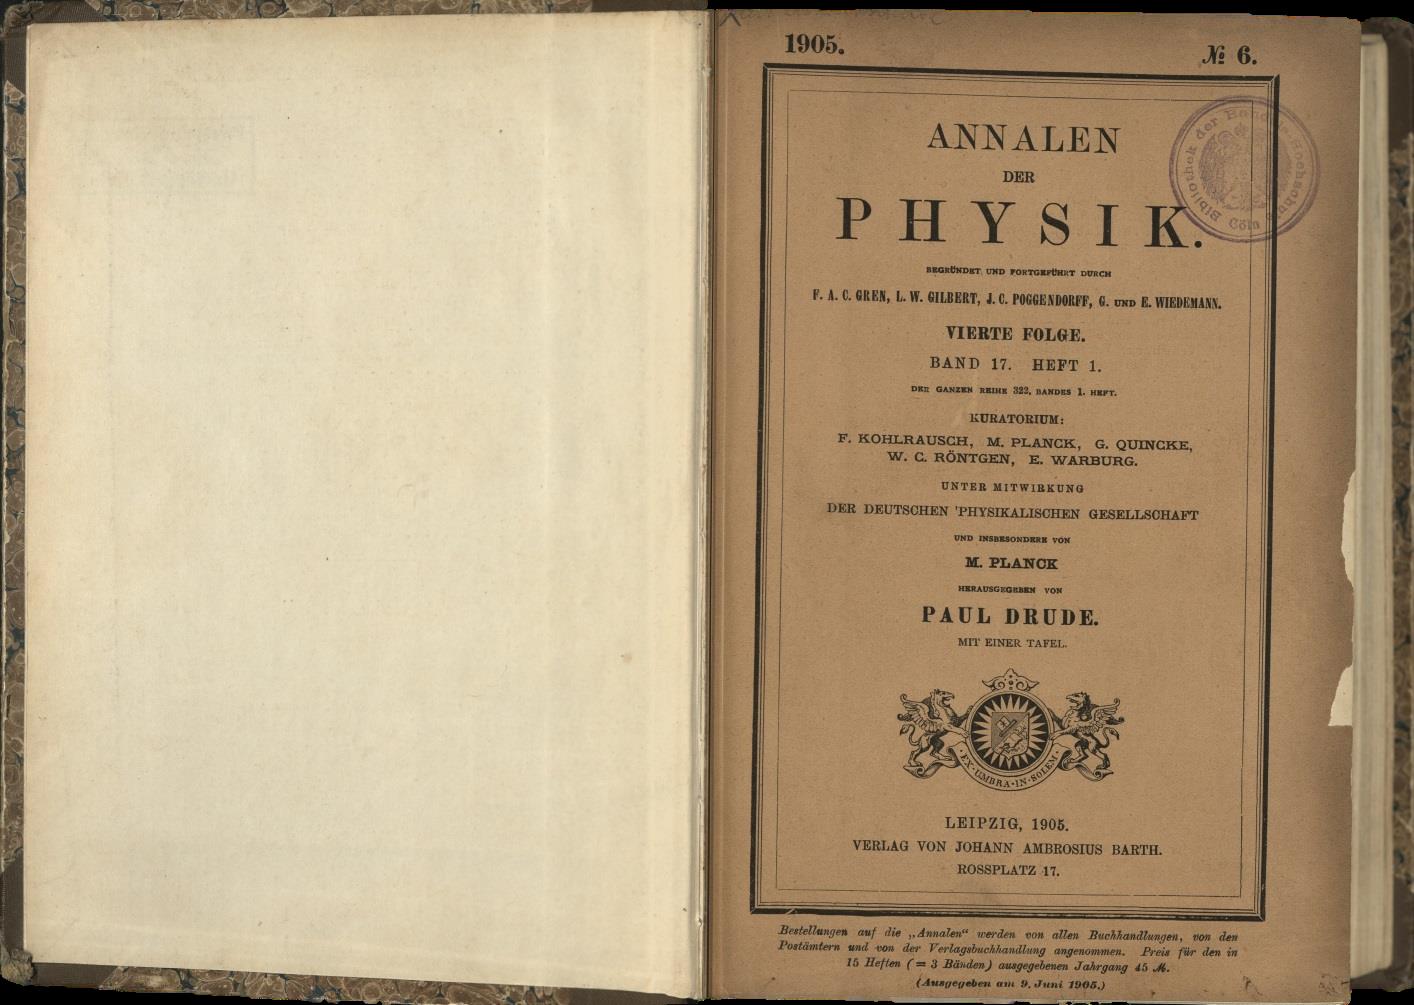 金沢工業大学が「原著から本質を学ぶ科学技術講座」第12・13回を開催。アインシュタイン、レントゲンの原著論文を読み解き、学問の本質に触れる。